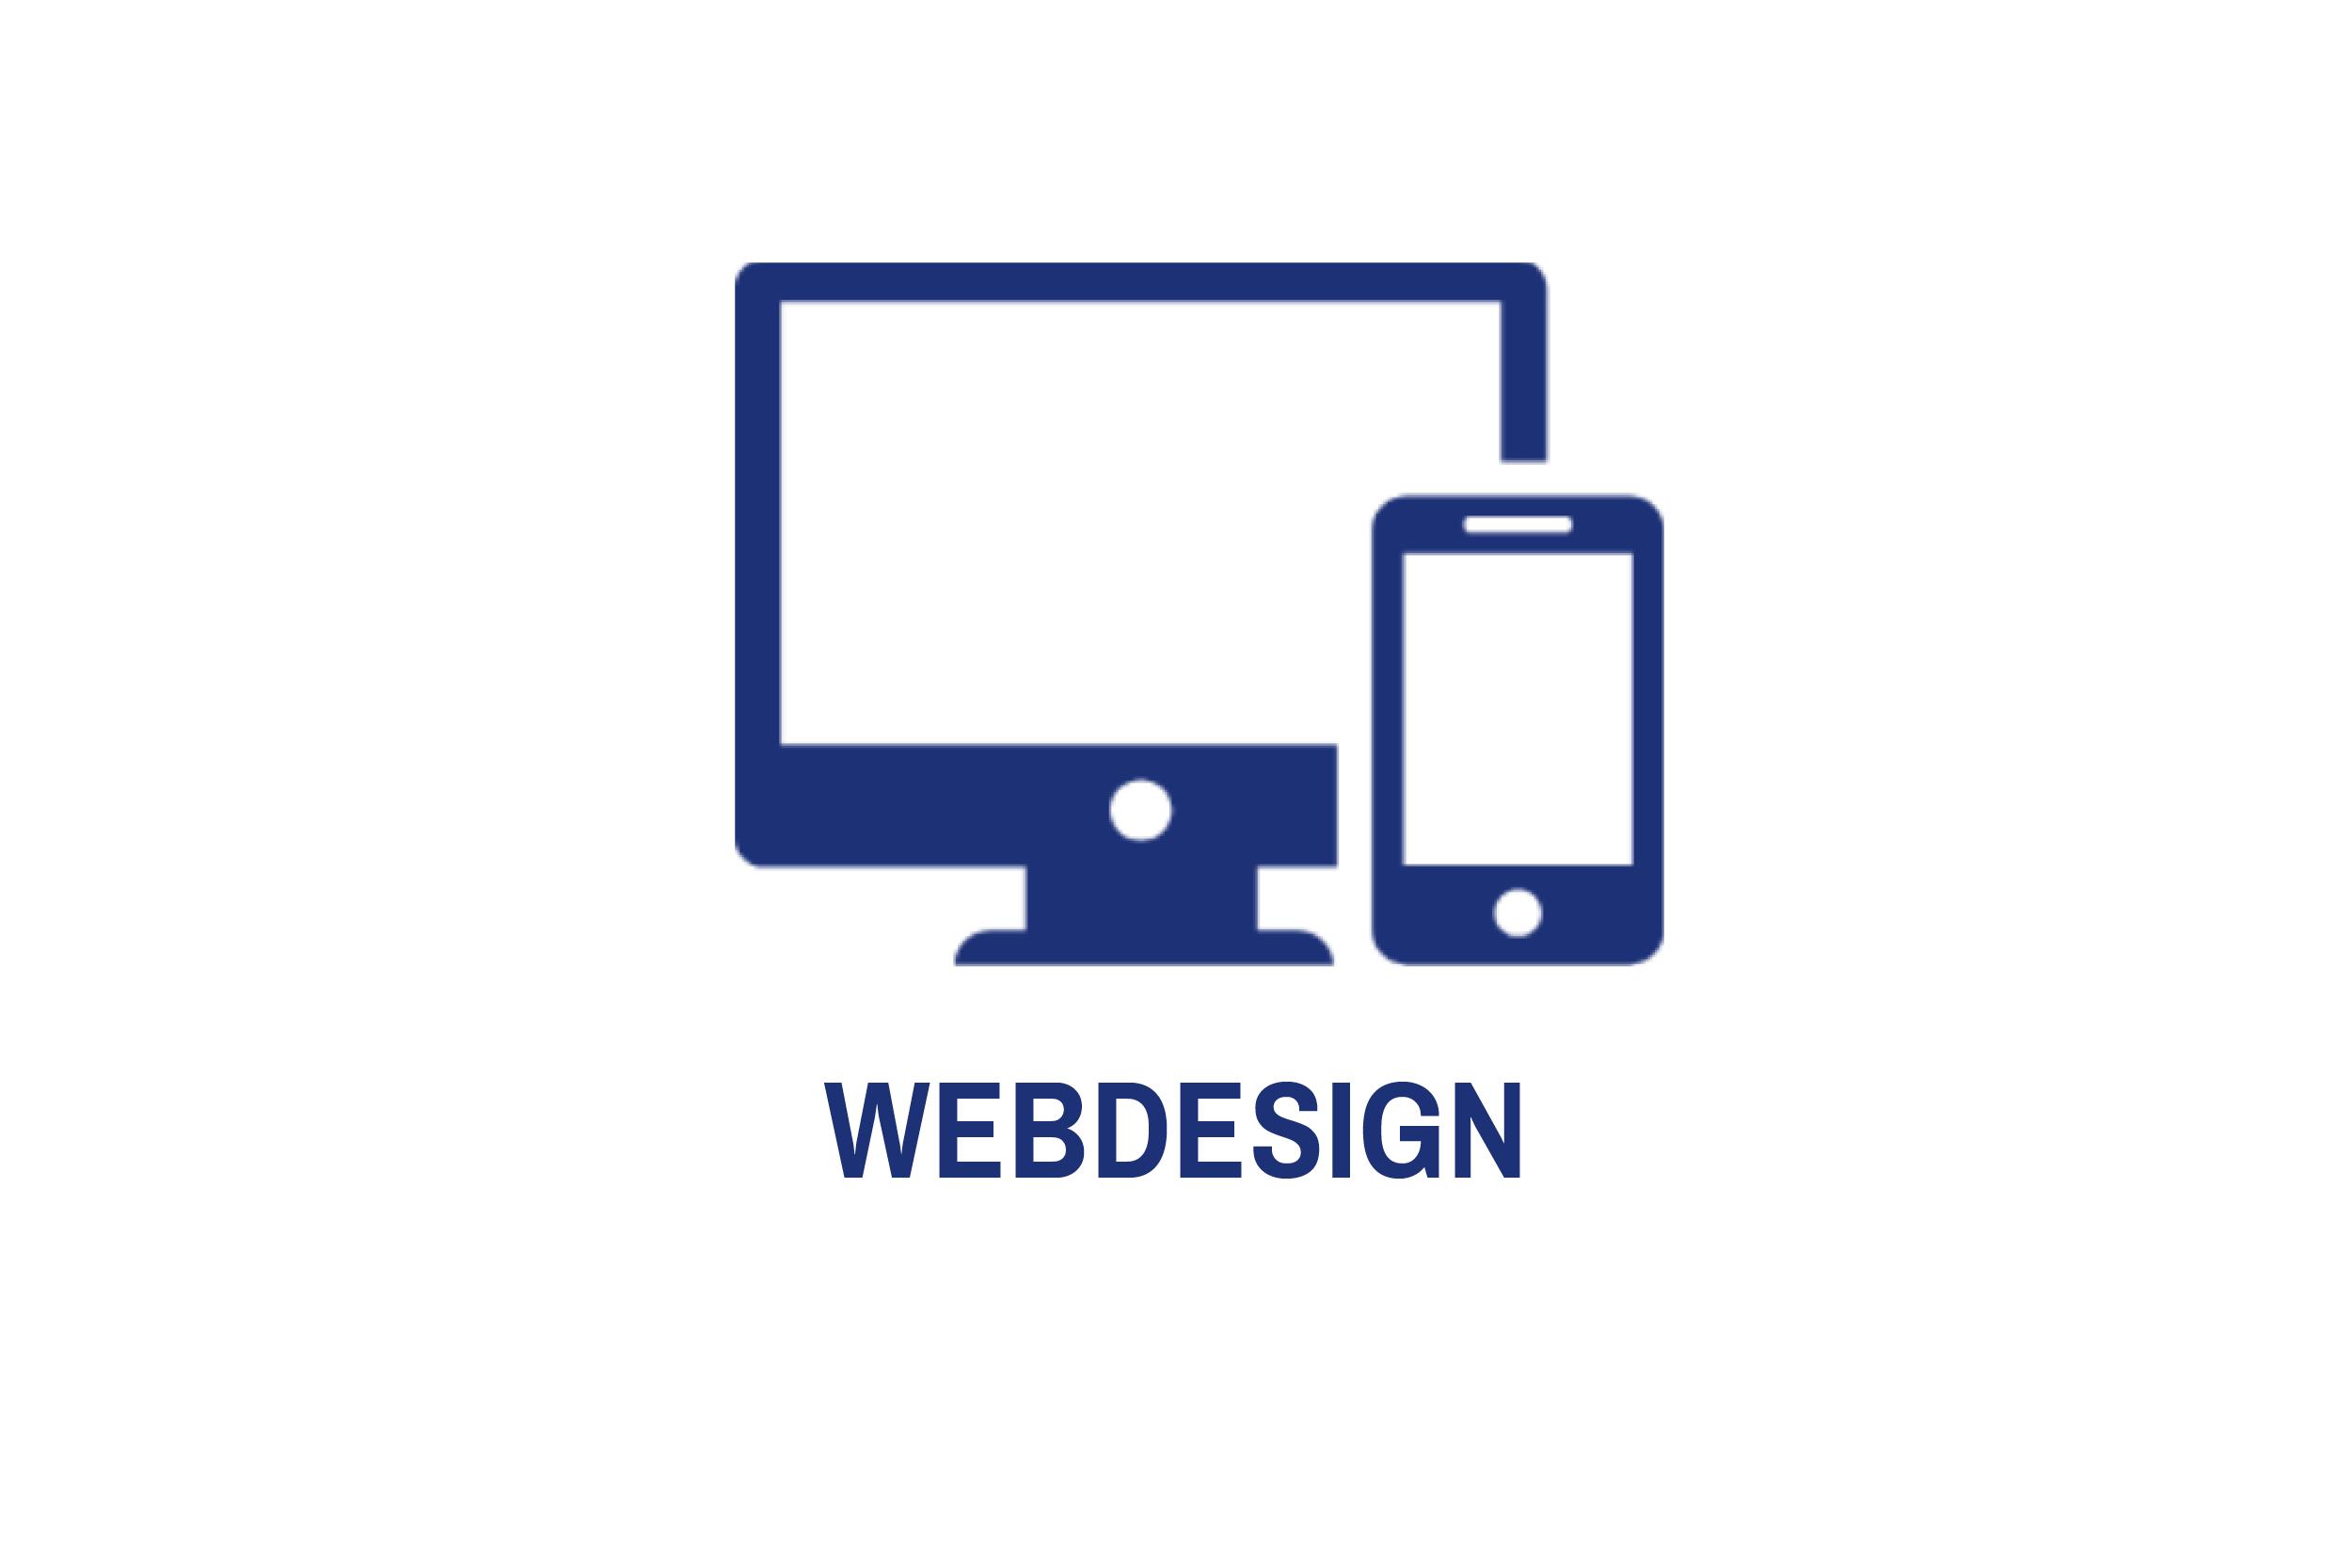 Webbdesign handlar om att ge en hemsida en grundläggande grafisk design. Din hemsida är ofta det första din publik möts av. Att den ska vara lättanvänd, estetiskt tilltalande och gå i linje med ditt varumärke är därför viktigt. Vi kan hjälpa dig att ta fram och designa en  hemsida  från grunden. Om du redan har en hemsida, kan vi bland annat hjälpa dig att  sökmotoroptimera (SEO)  den, att göra den mer  användarvänlig (UI/UX)  för besökaren eller att skapa bra  innehåll .   Denna typ av projekt utförs oftast i tvärvetenskapliga team ihop med affärsbenet     IT    .